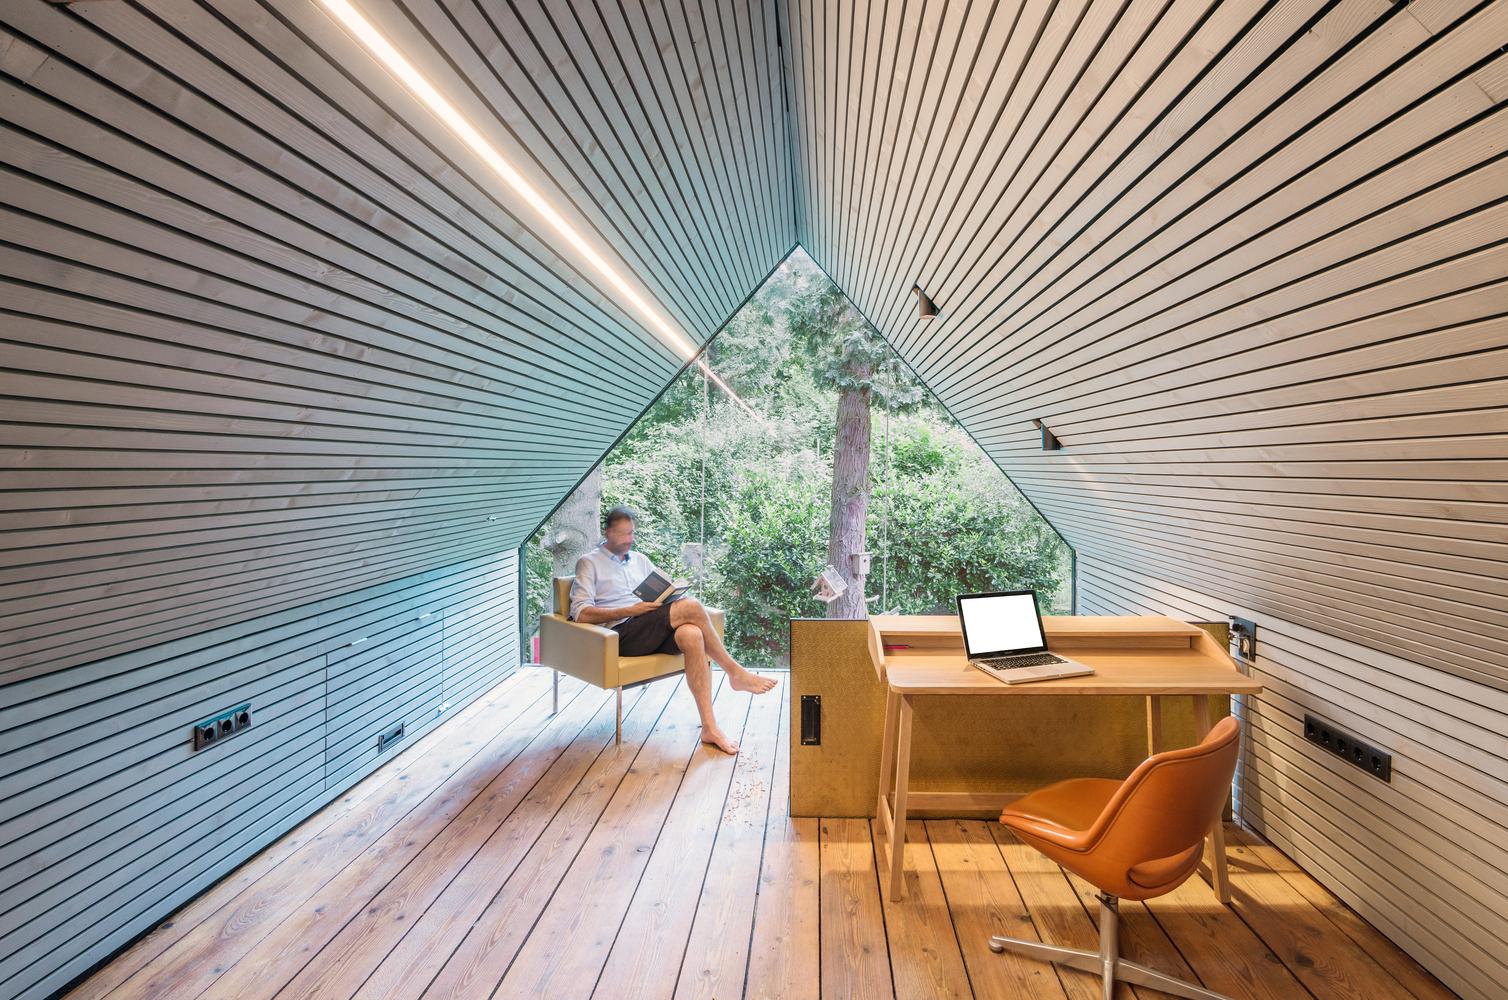 ¿Qué es el diseño de interiores (y por qué puede hacerte sentir mejor)?,The Enchanted Shed & Leopold House / Franz&Sue. Image © Andreas Buchberger